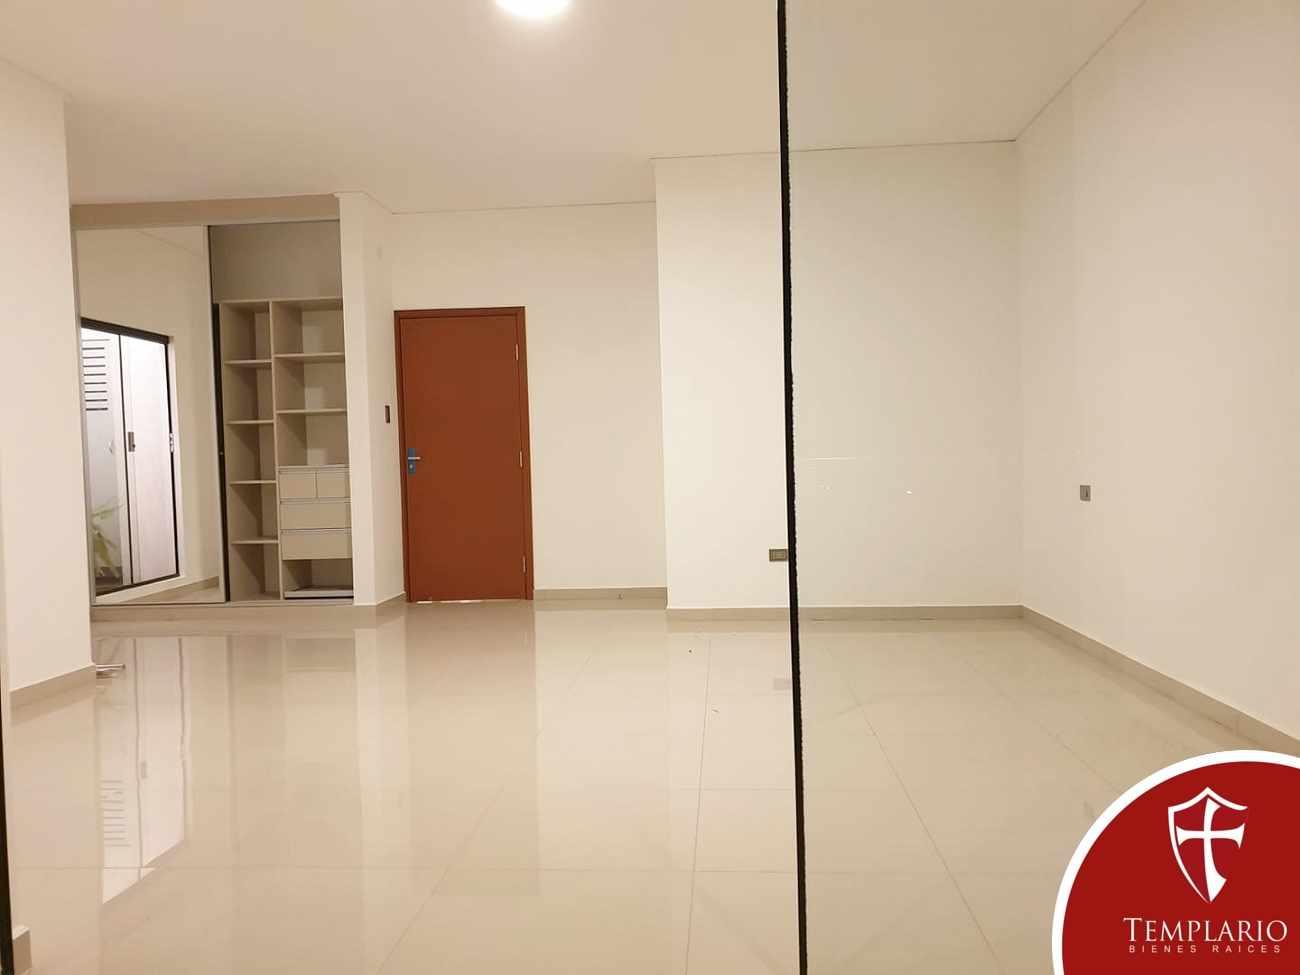 Casa en Venta Av. Santos Dumont 3er y 4to Anillo - Vecindario Residencial Foto 13